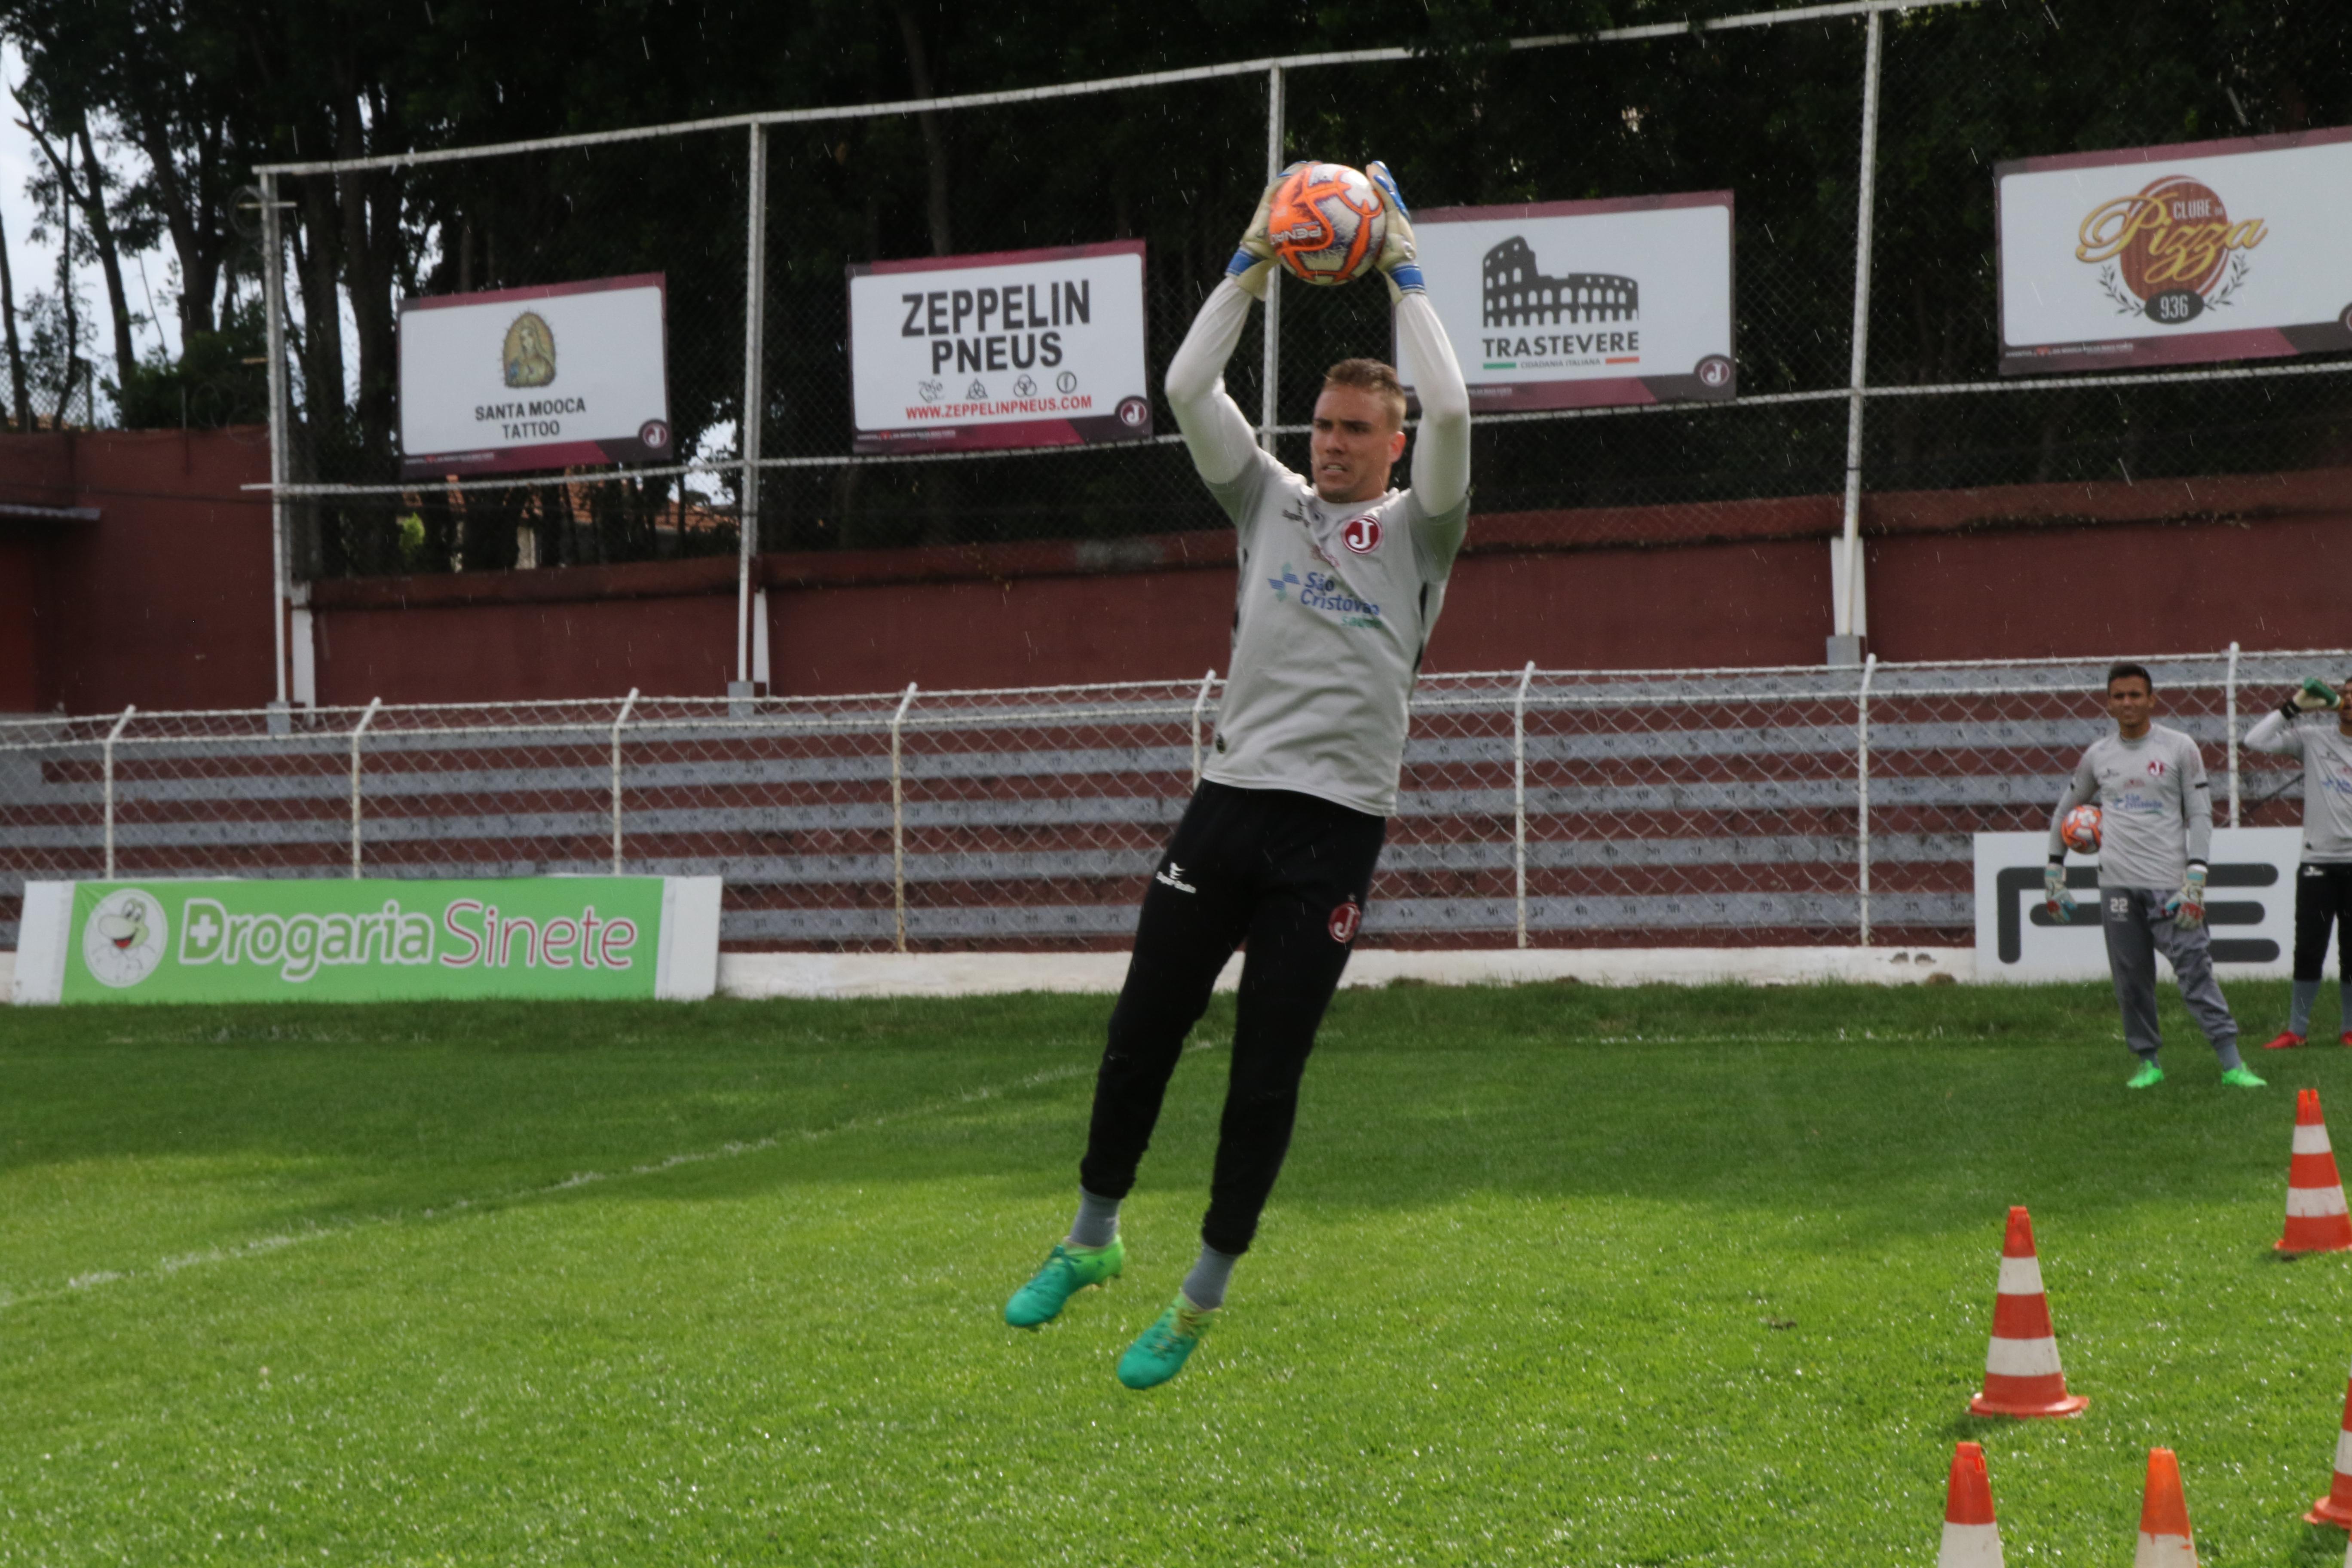 Paulo Vitor – Treino março 2019 – Marcelo Germano